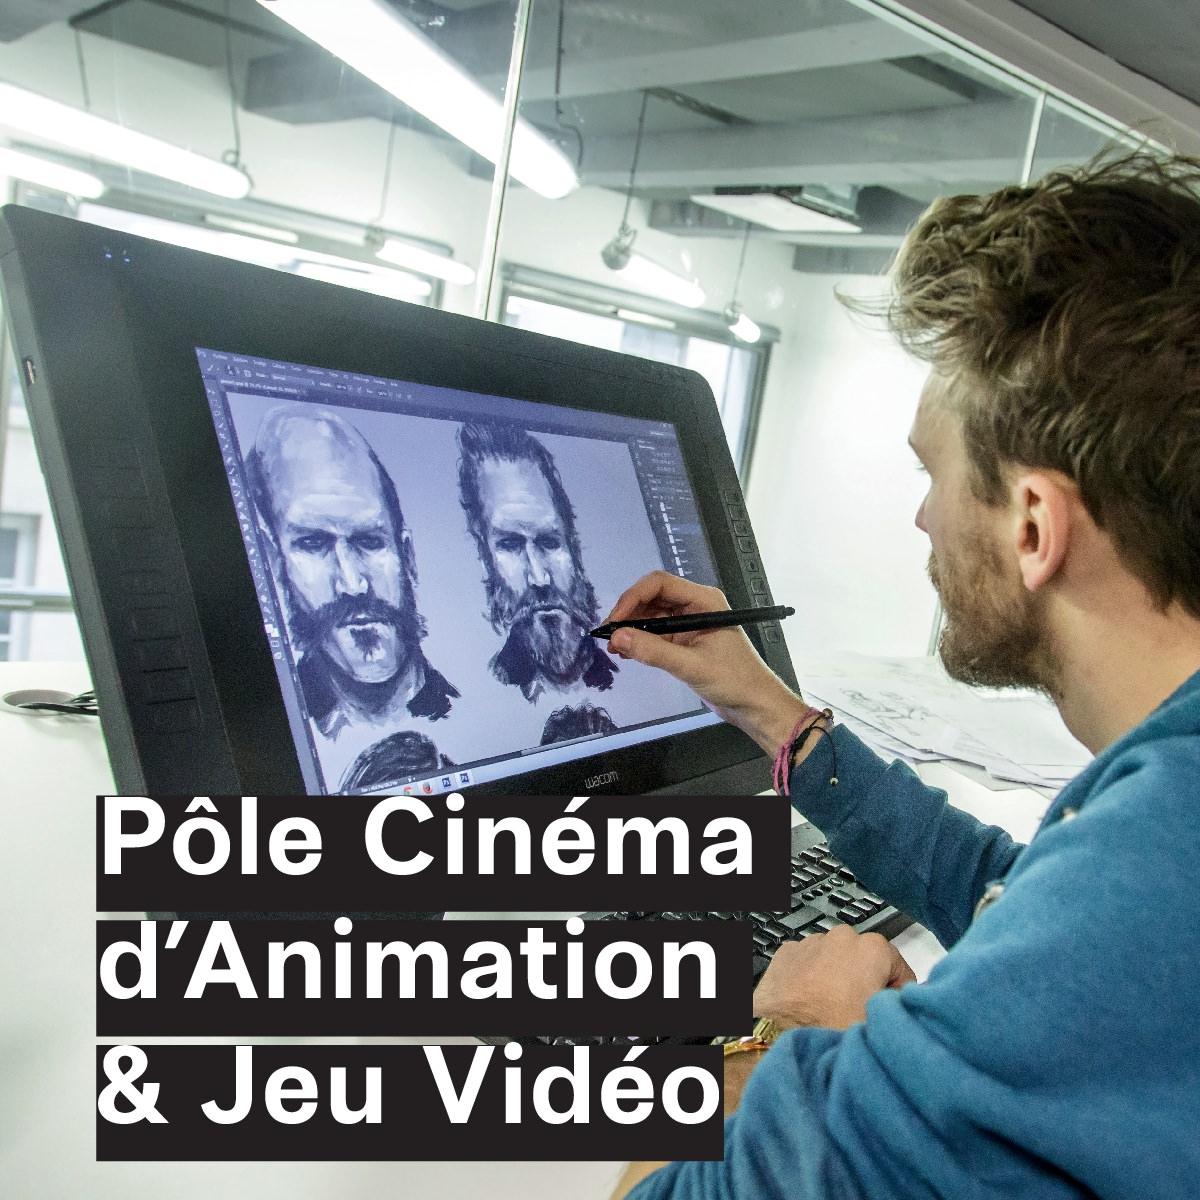 Le cinéma d'animation et le jeu vidéo a Bellecour Ecole